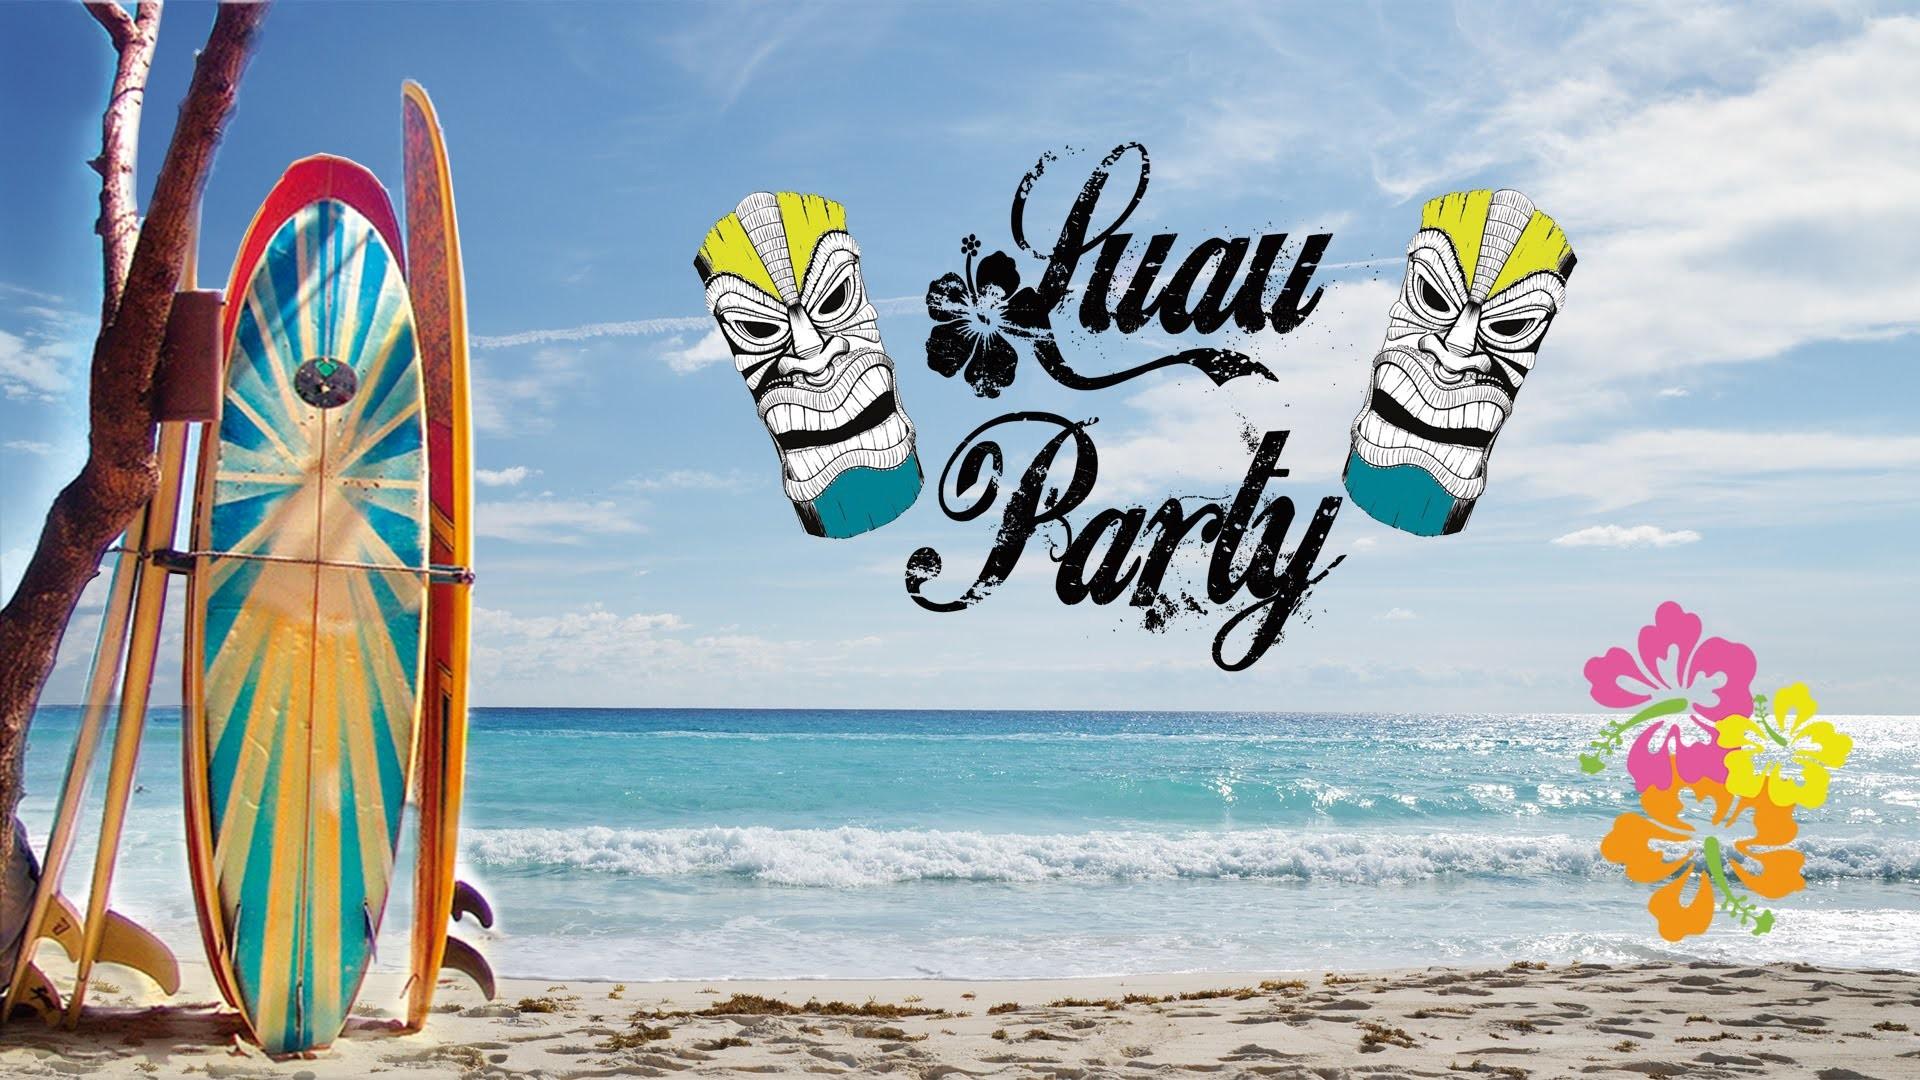 фон для фотосессии гавайской вечеринки люблю, когда